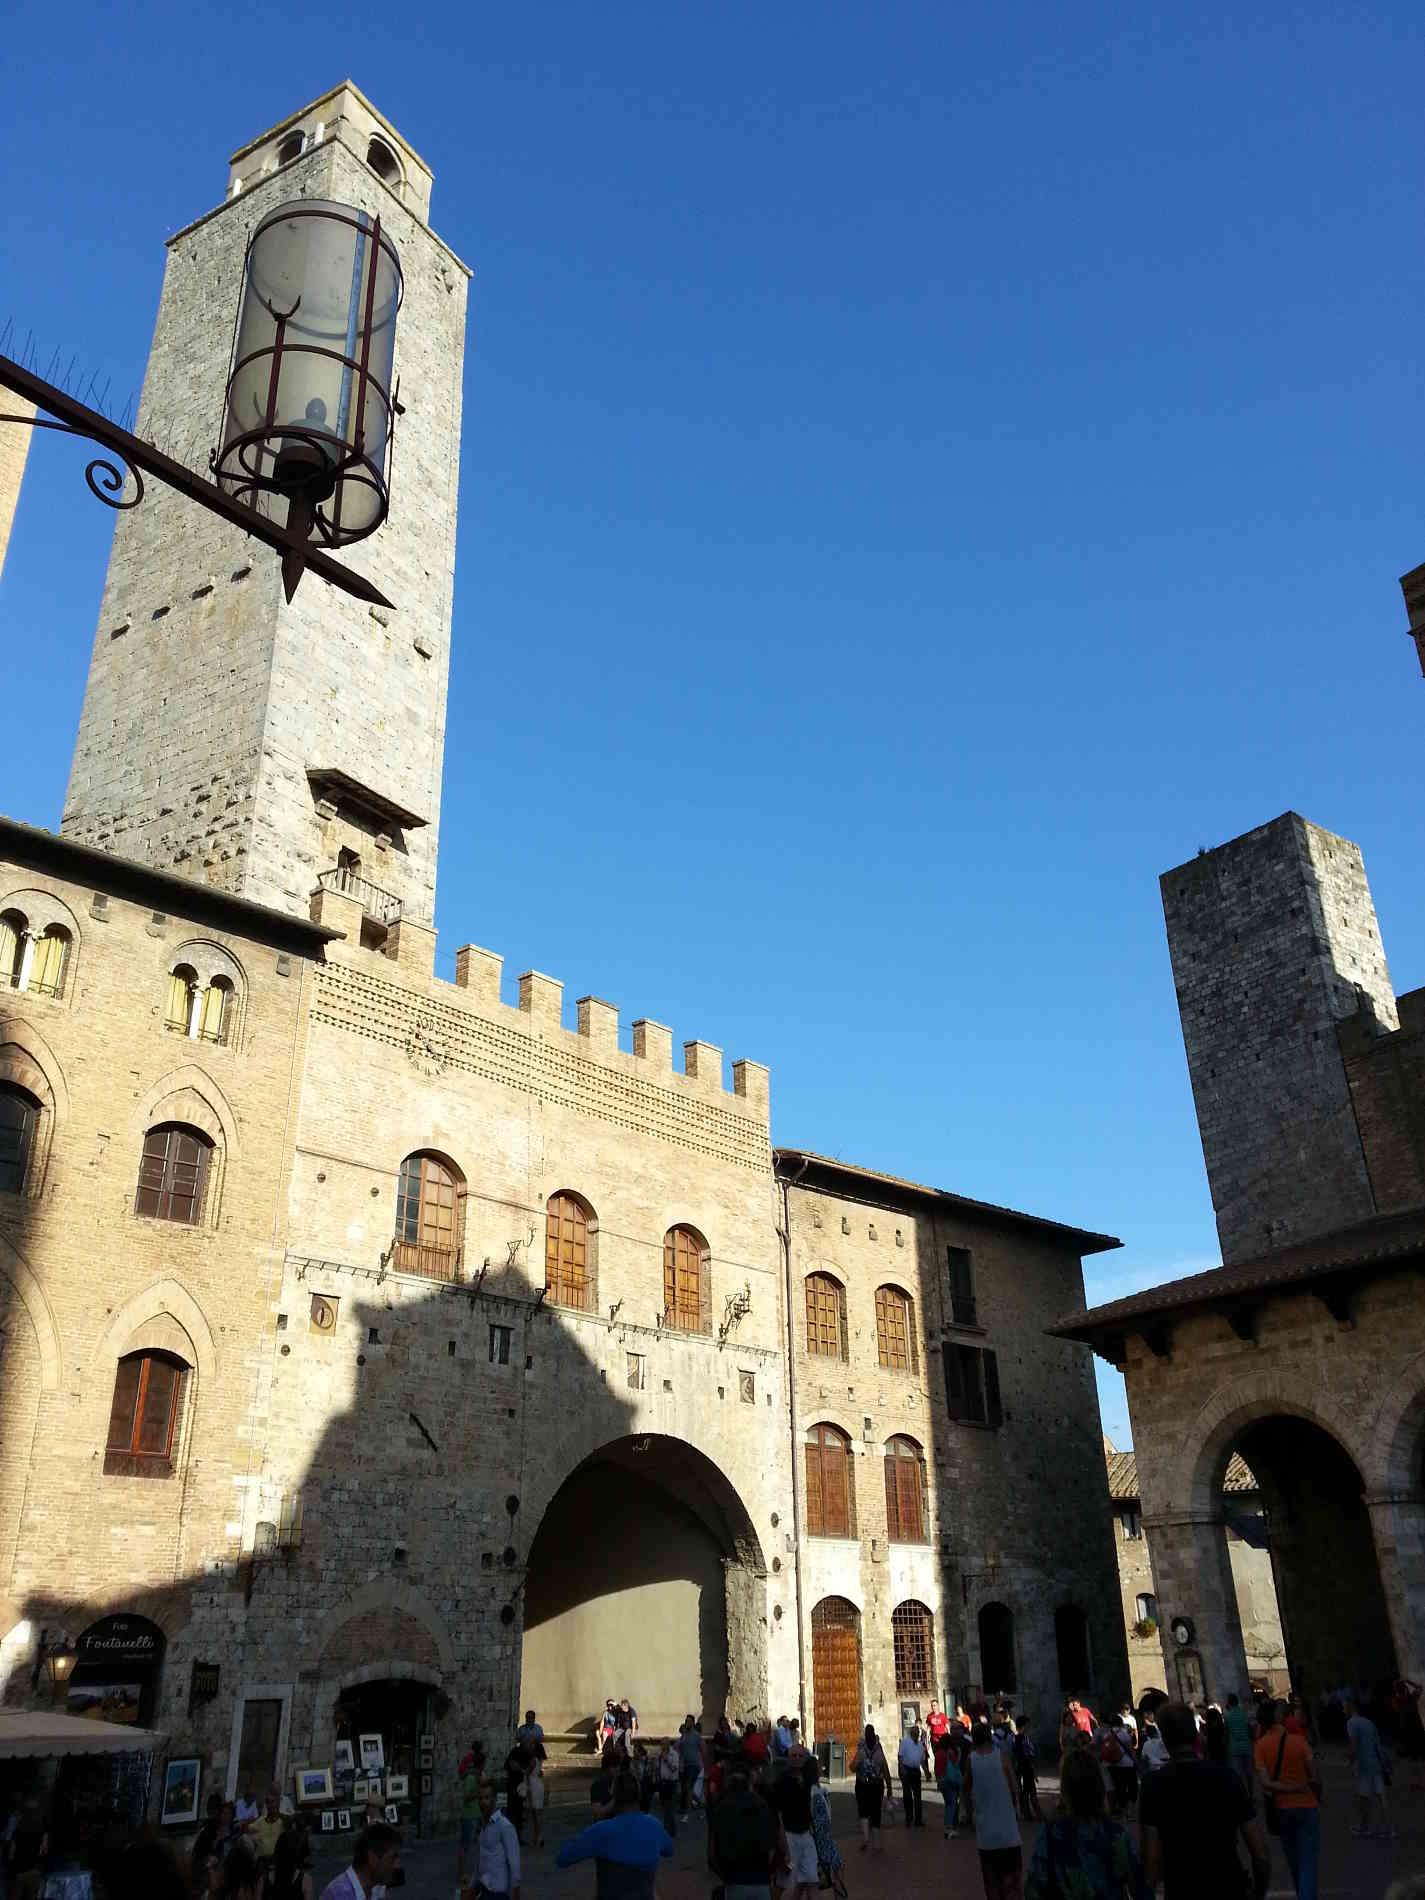 Angoli di San Gimignano fra Piazza della Cisterna e Piazza del Duomo